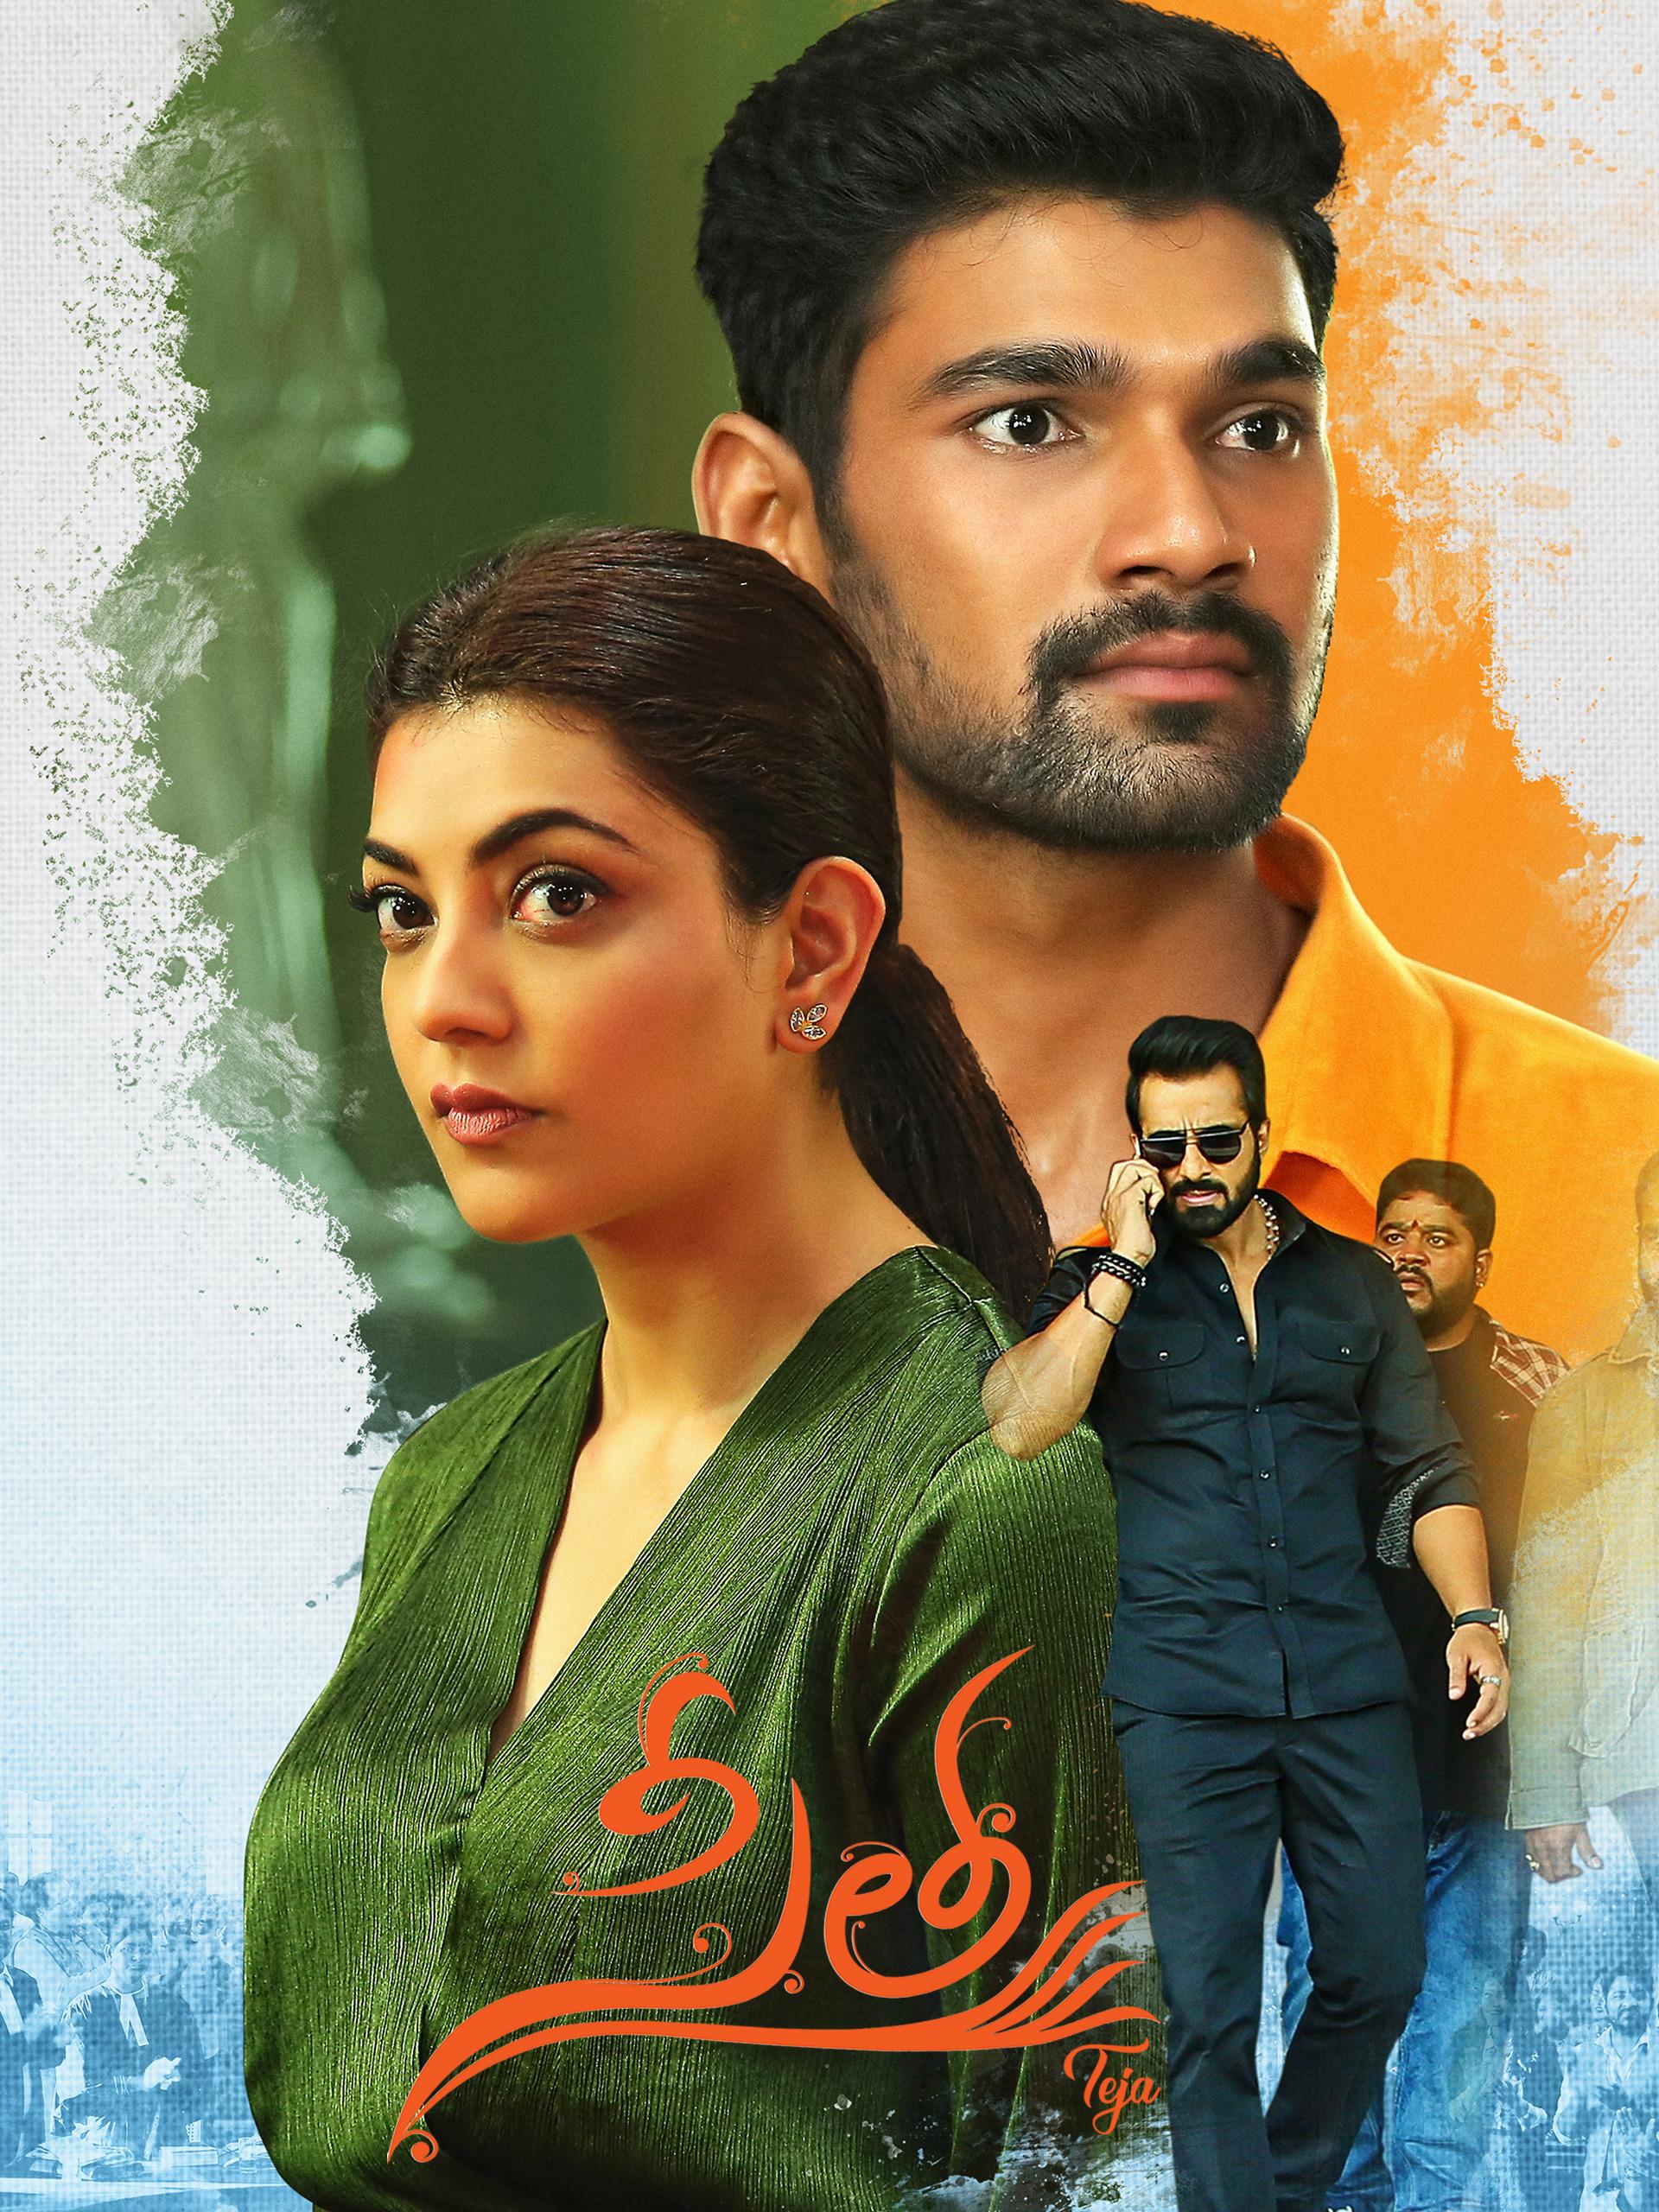 Sita Ram (Sita) 2020 Hindi Dubbed 720p HDRip 900MB Download